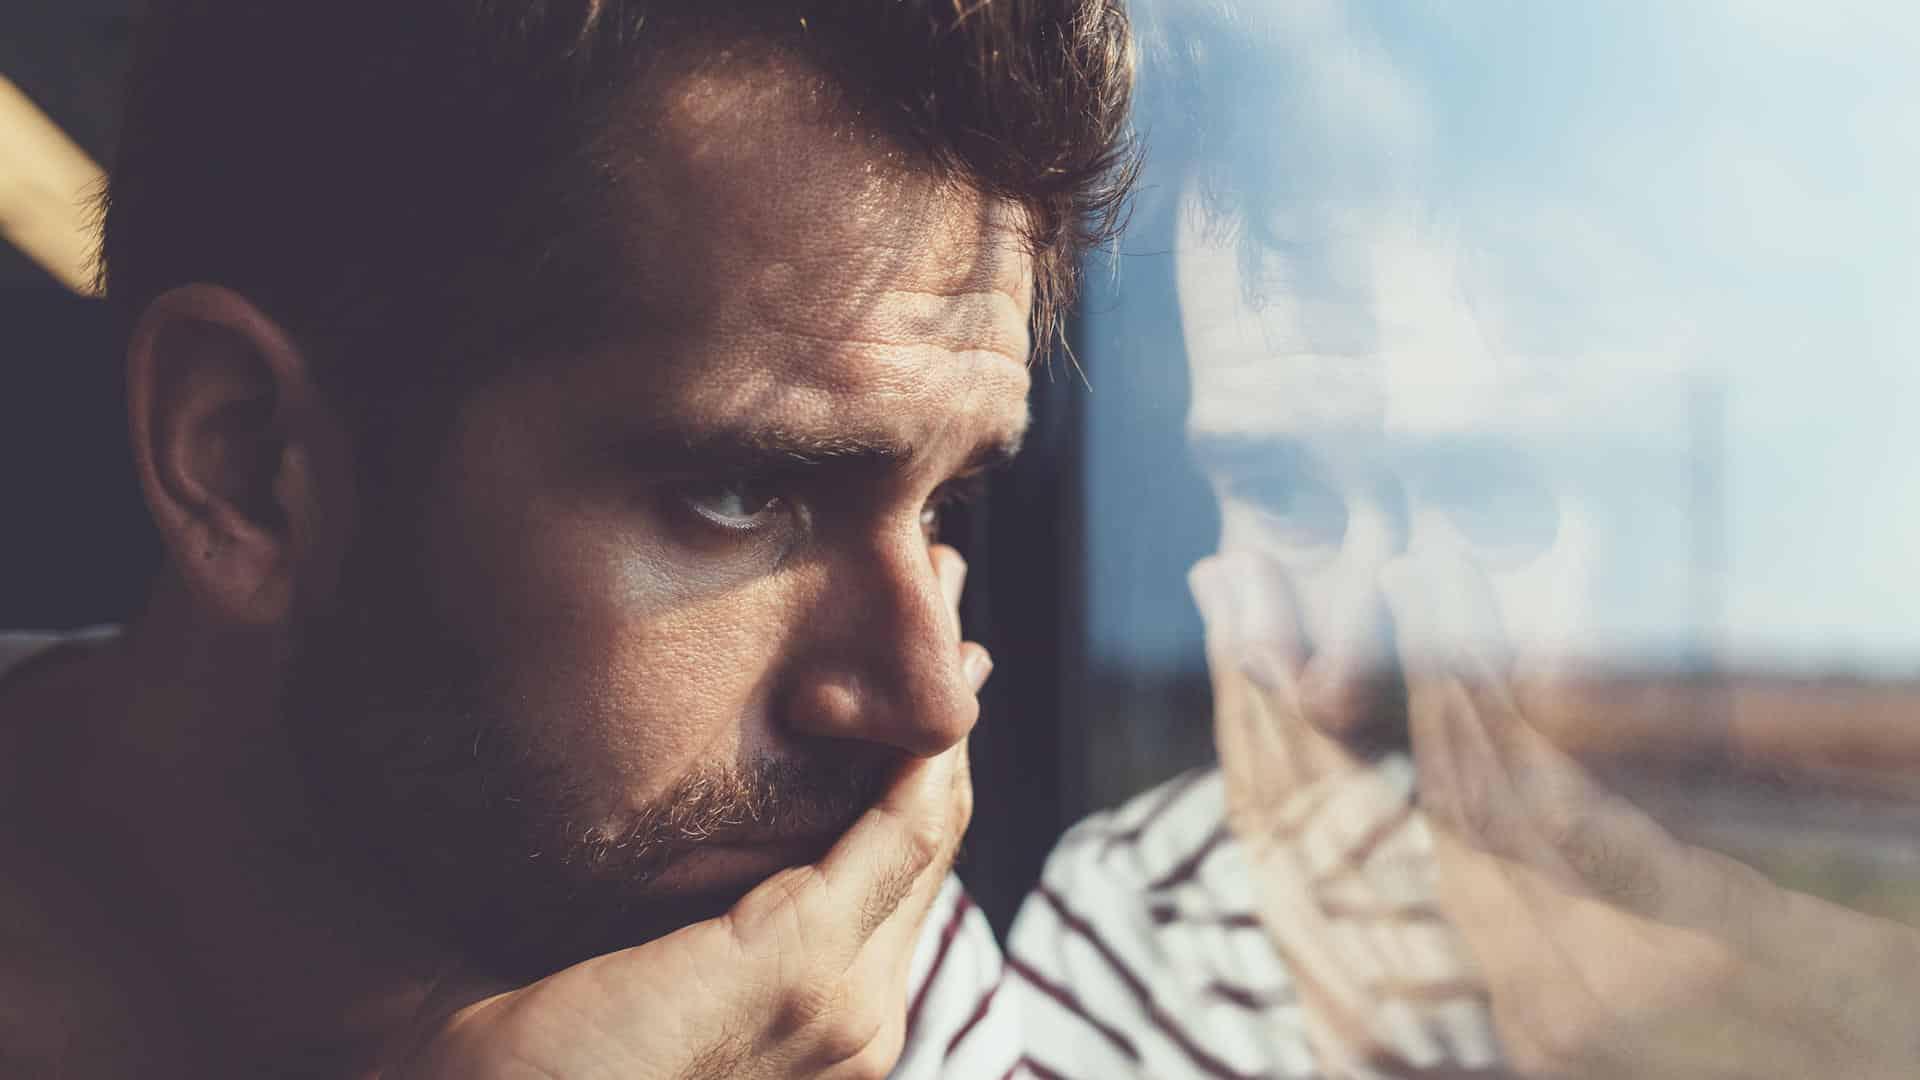 Diese 5 Tipps helfen nach einer schmerzhaften Trennung